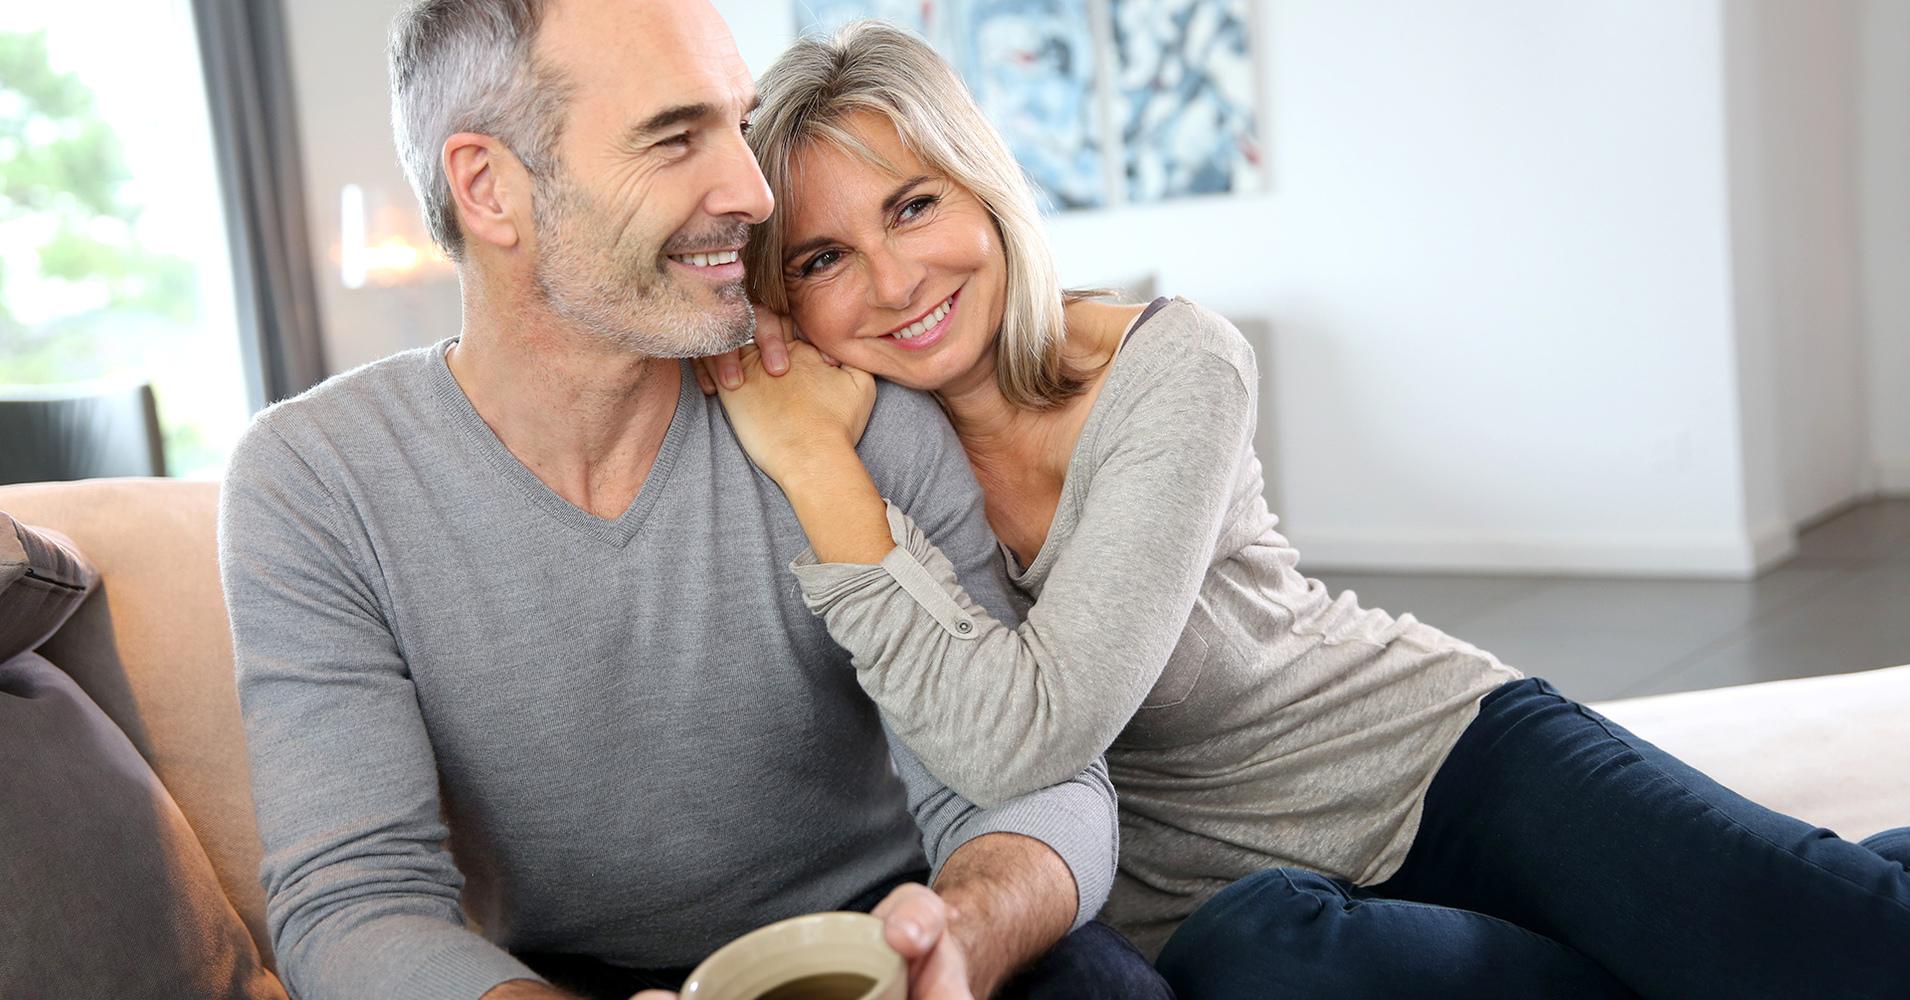 legjobb online randevú 40 év felett